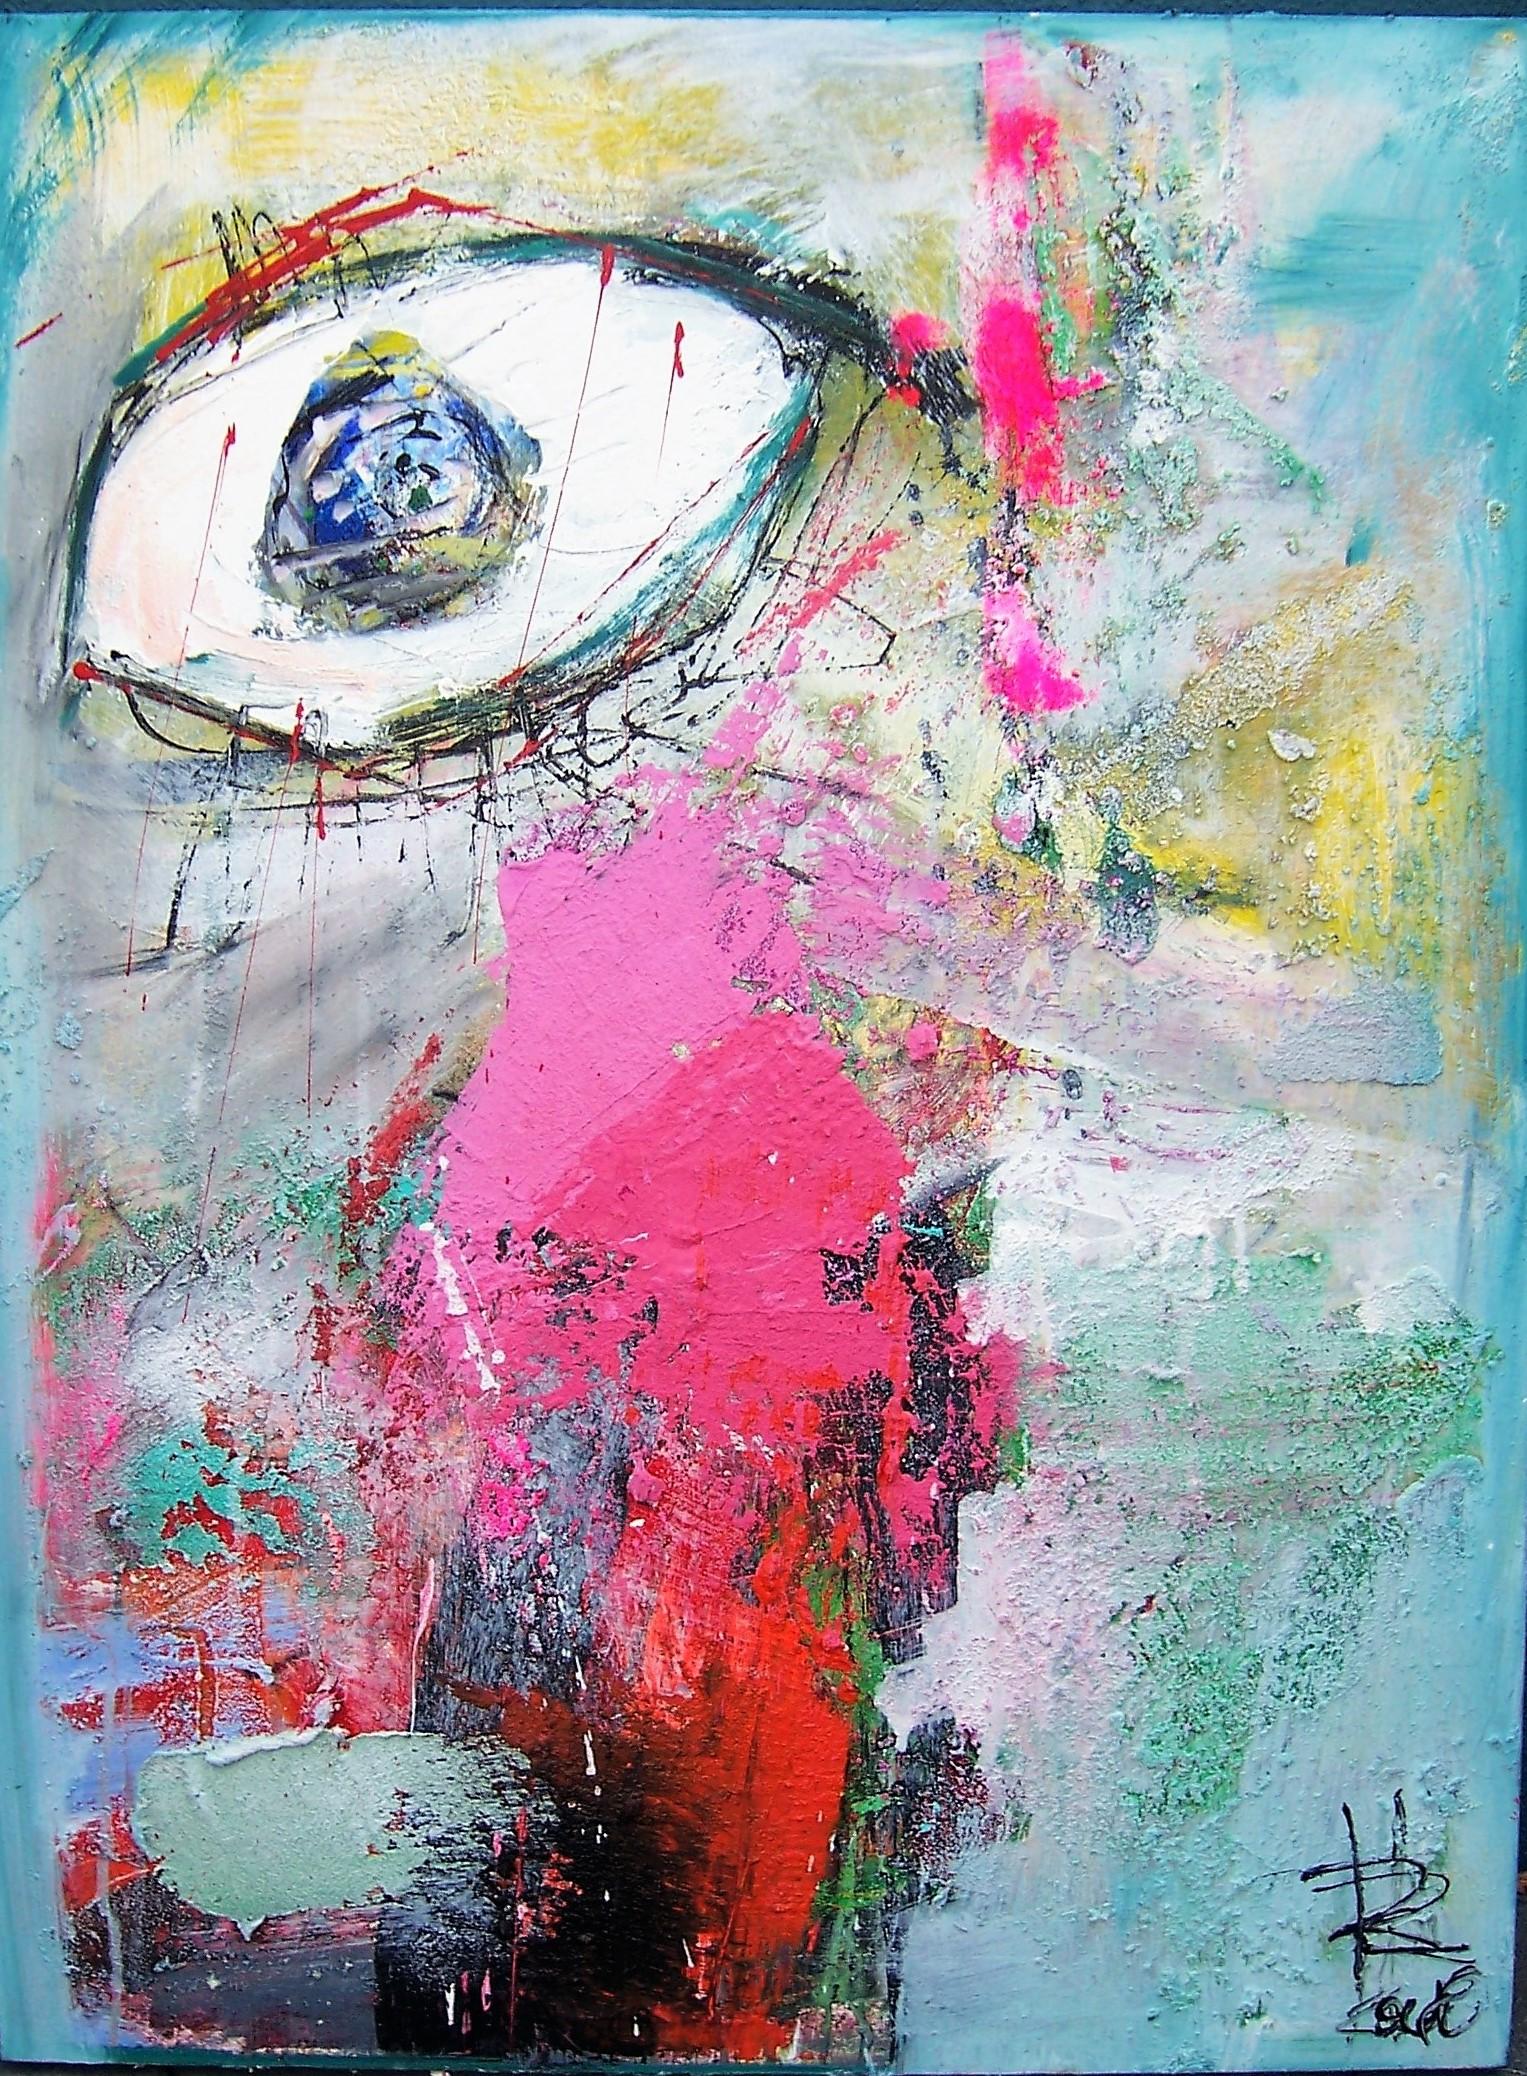 Das göttliche Auge